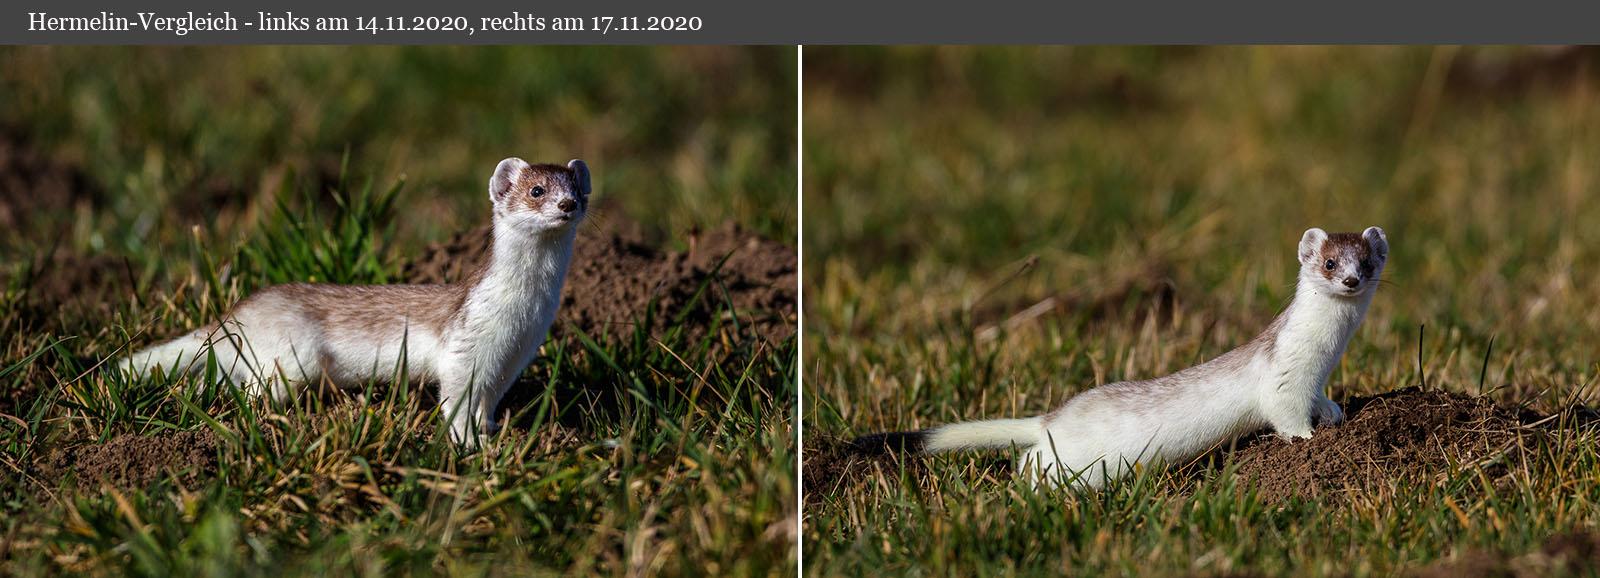 Hermelin-Vergleich mit drei Tagen Unterschied